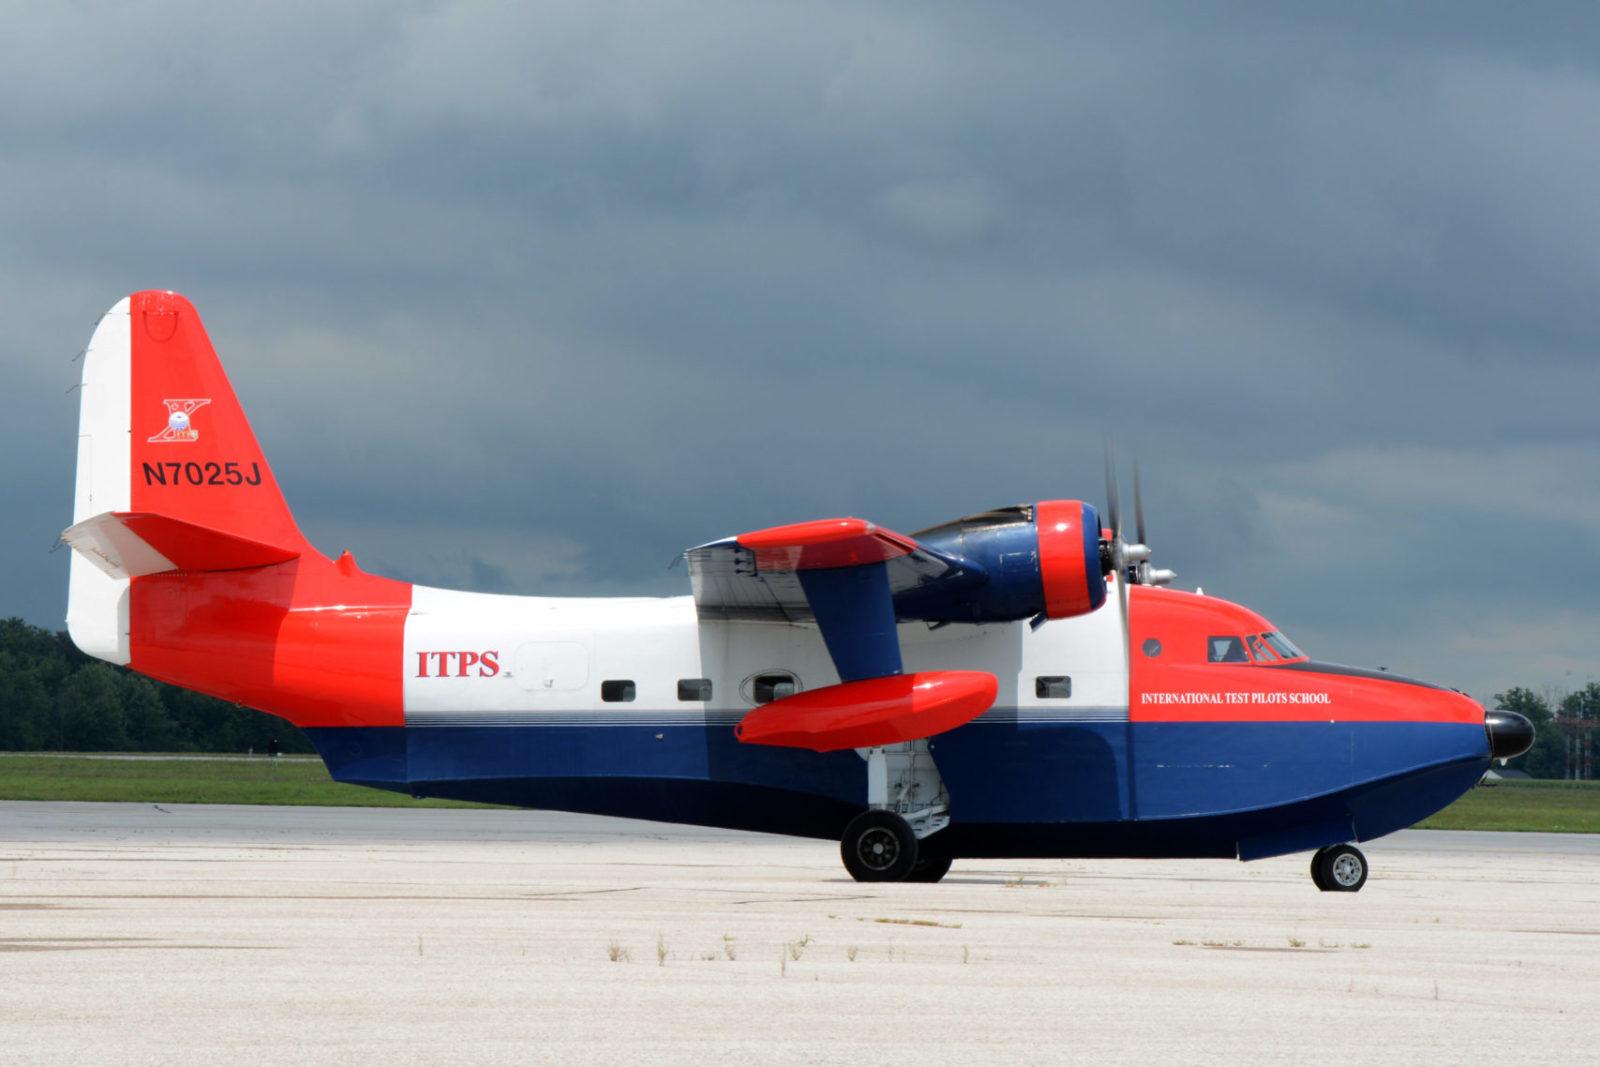 Red and blue Grumman HU-16 Albatross Aircraft.